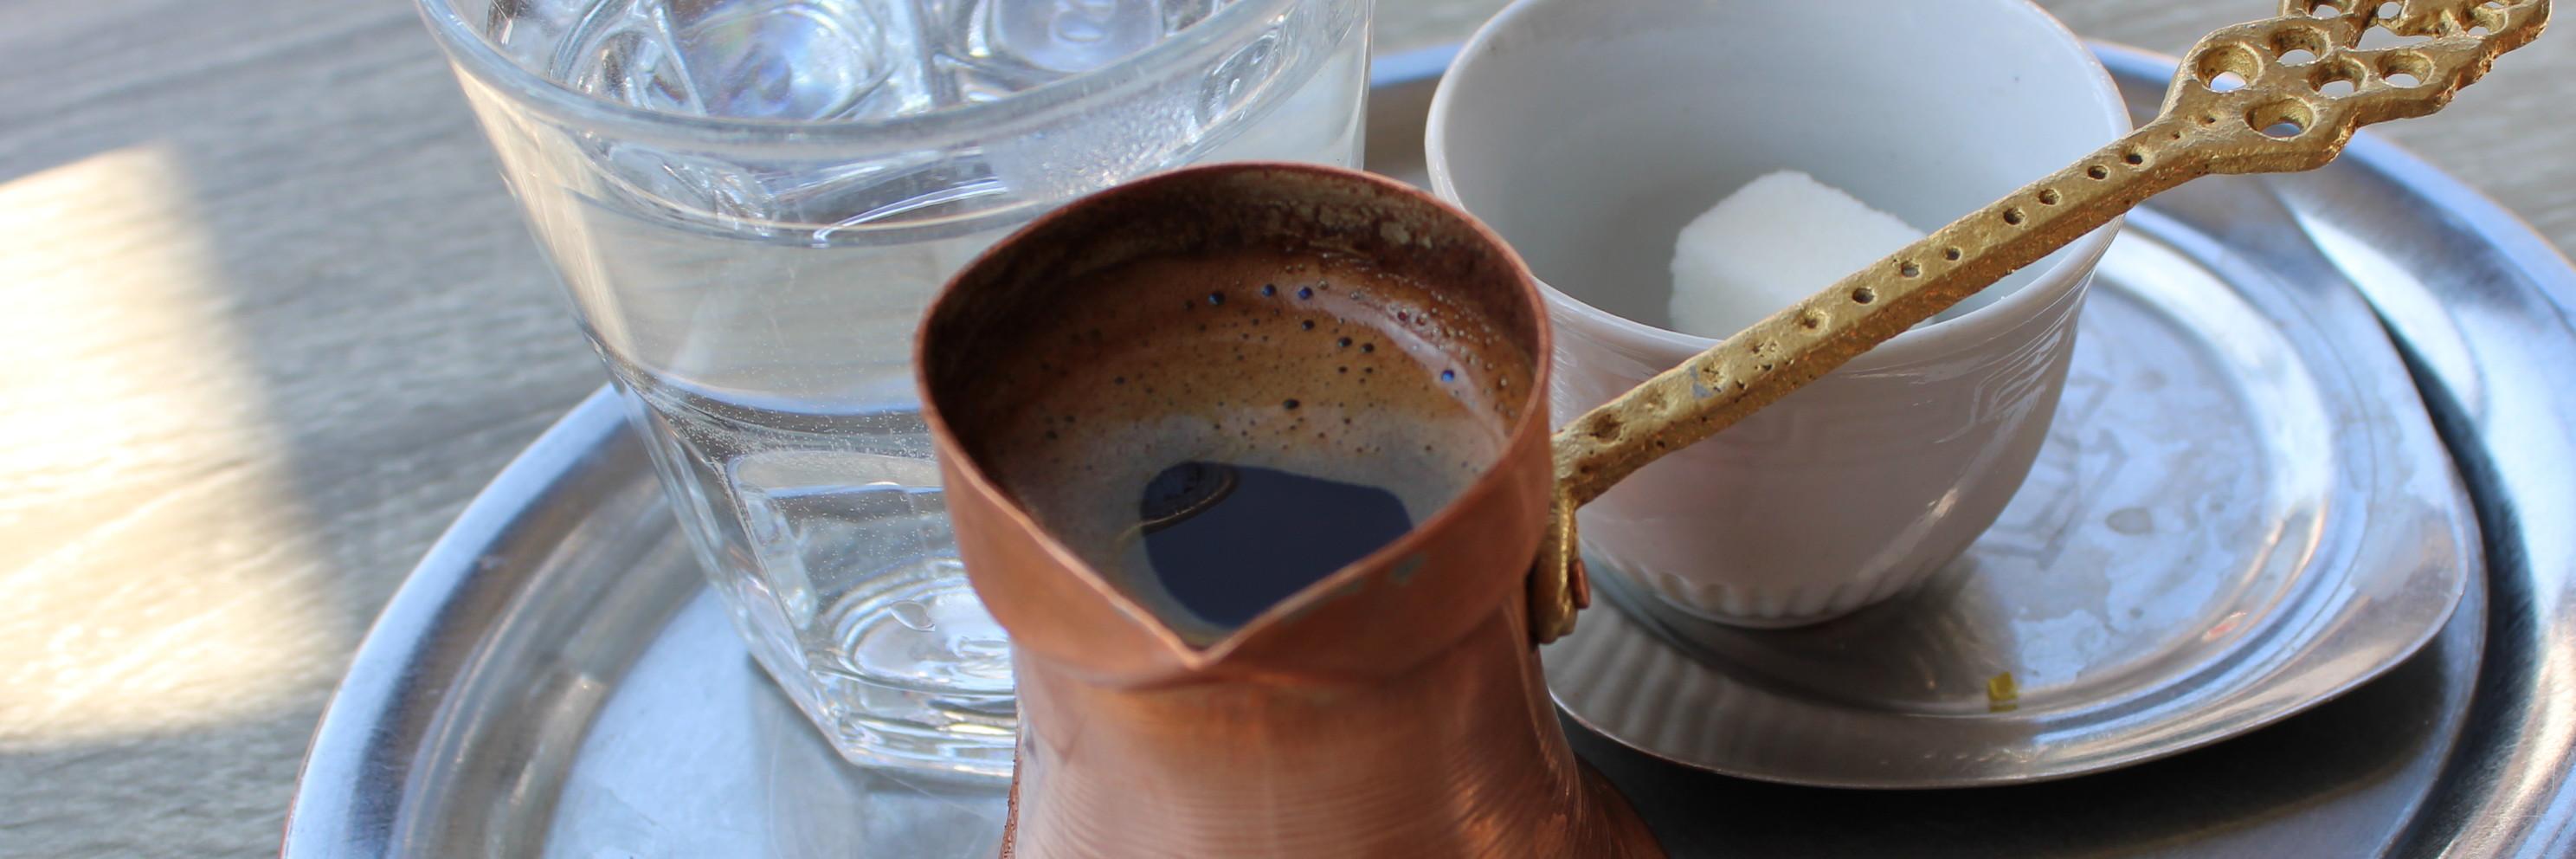 Кофейный этикет. Фото: Елена Арсениевич, CC BY-SA 3.0